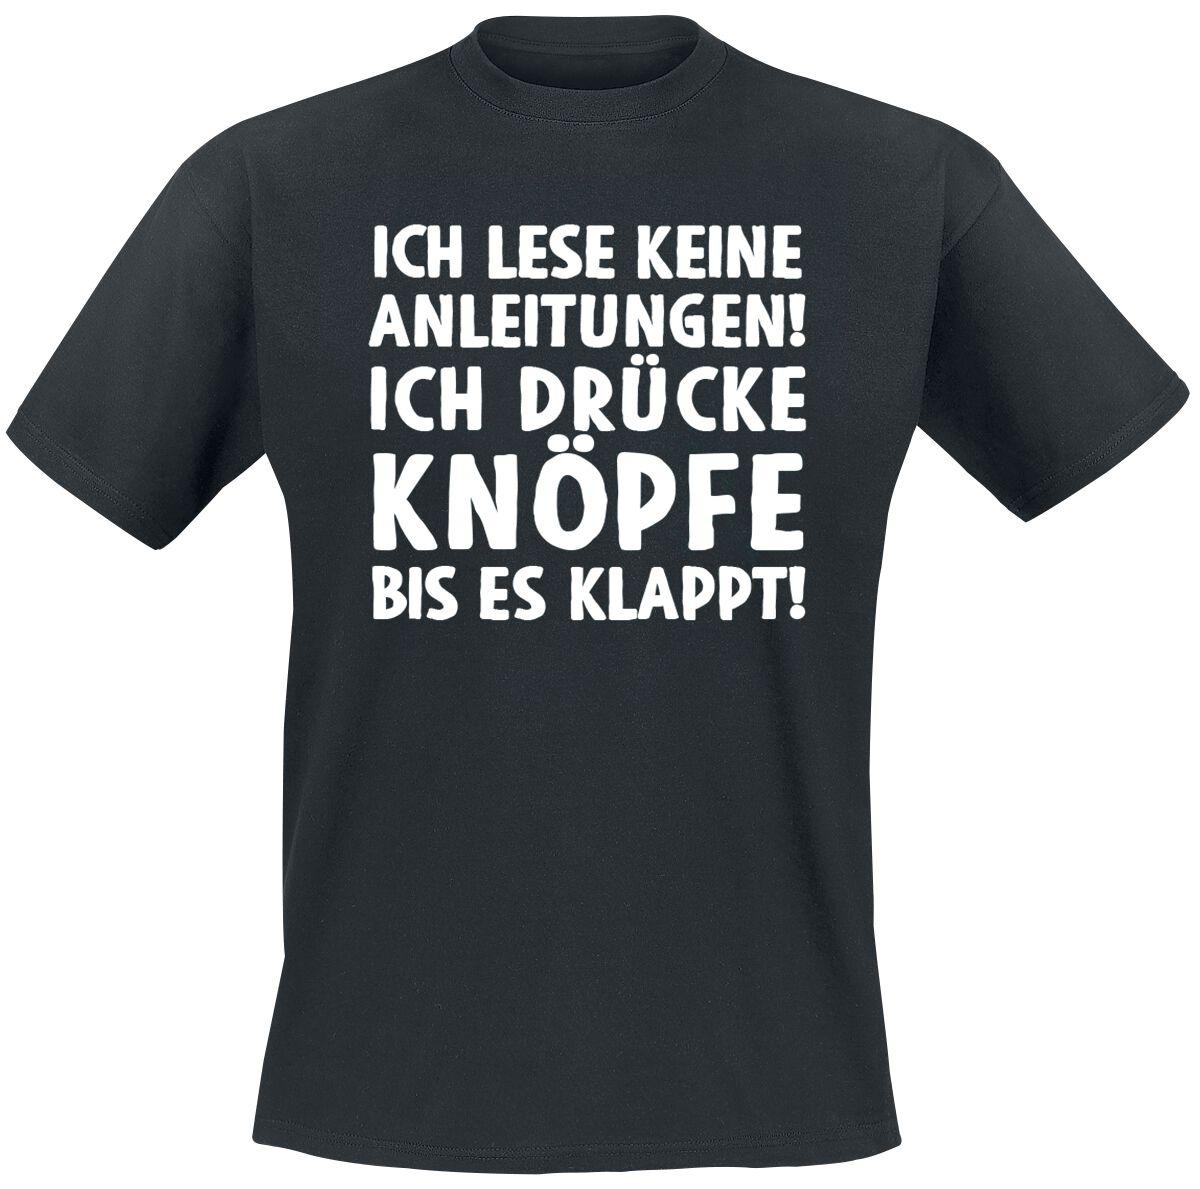 Ich lese keine Anleitungen! T-Shirt schwarz T2665